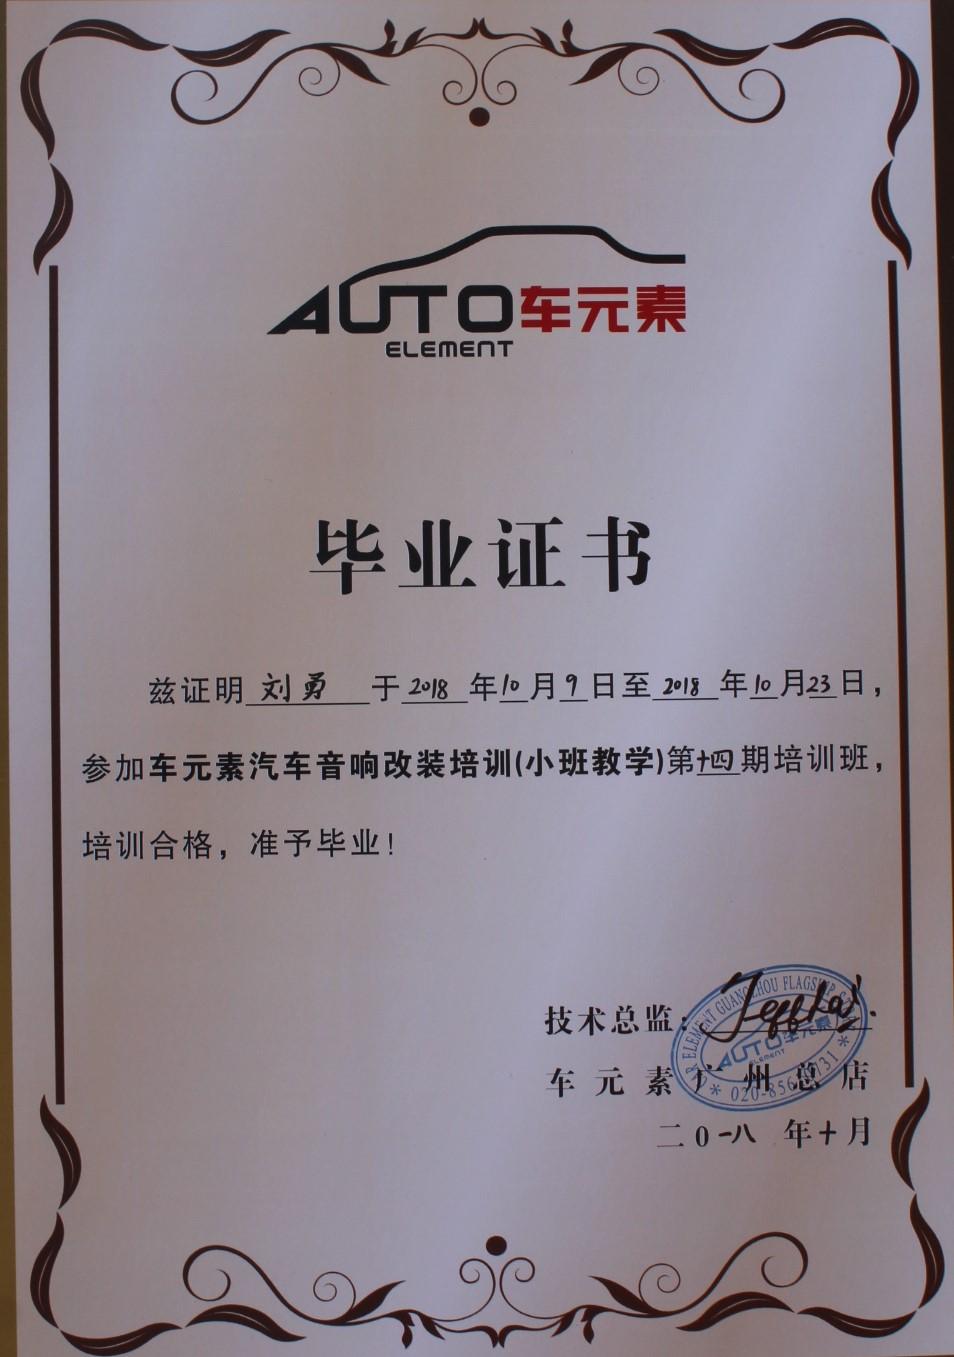 2018年刘勇参加车元素汽车音响改装培训(小班教学)培训合格